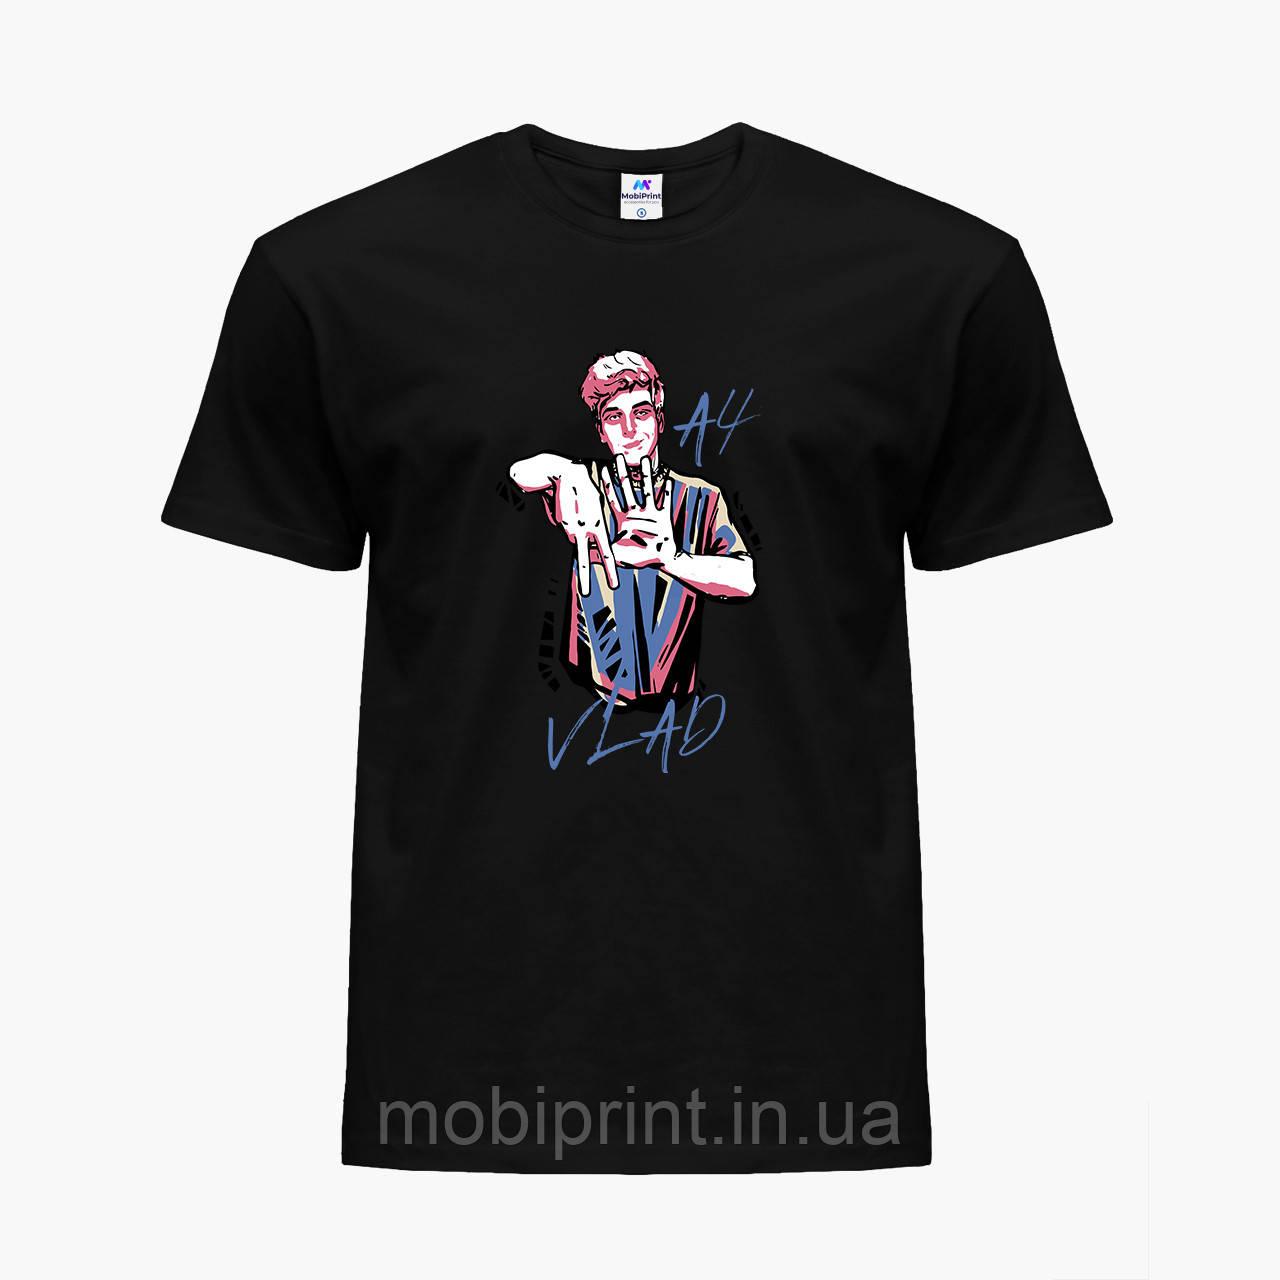 Детская футболка для мальчиков блогер Влад Бумага А4 (blogger Vlad A4) (25186-2621) Черный